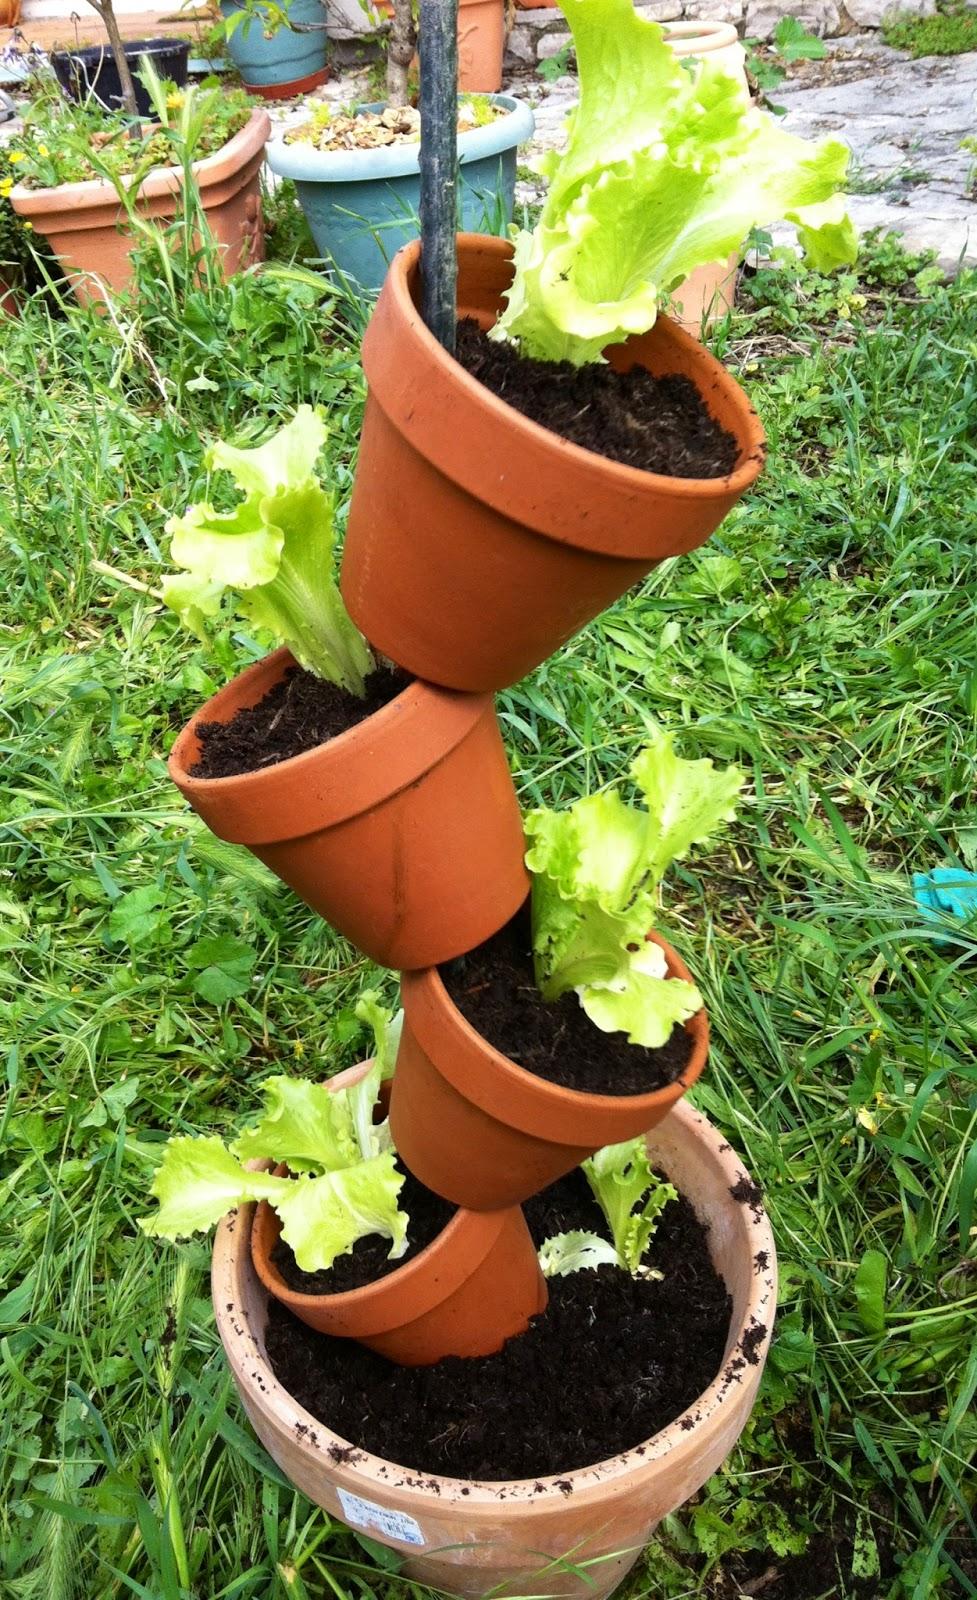 diy mon totem salade initiales gg. Black Bedroom Furniture Sets. Home Design Ideas